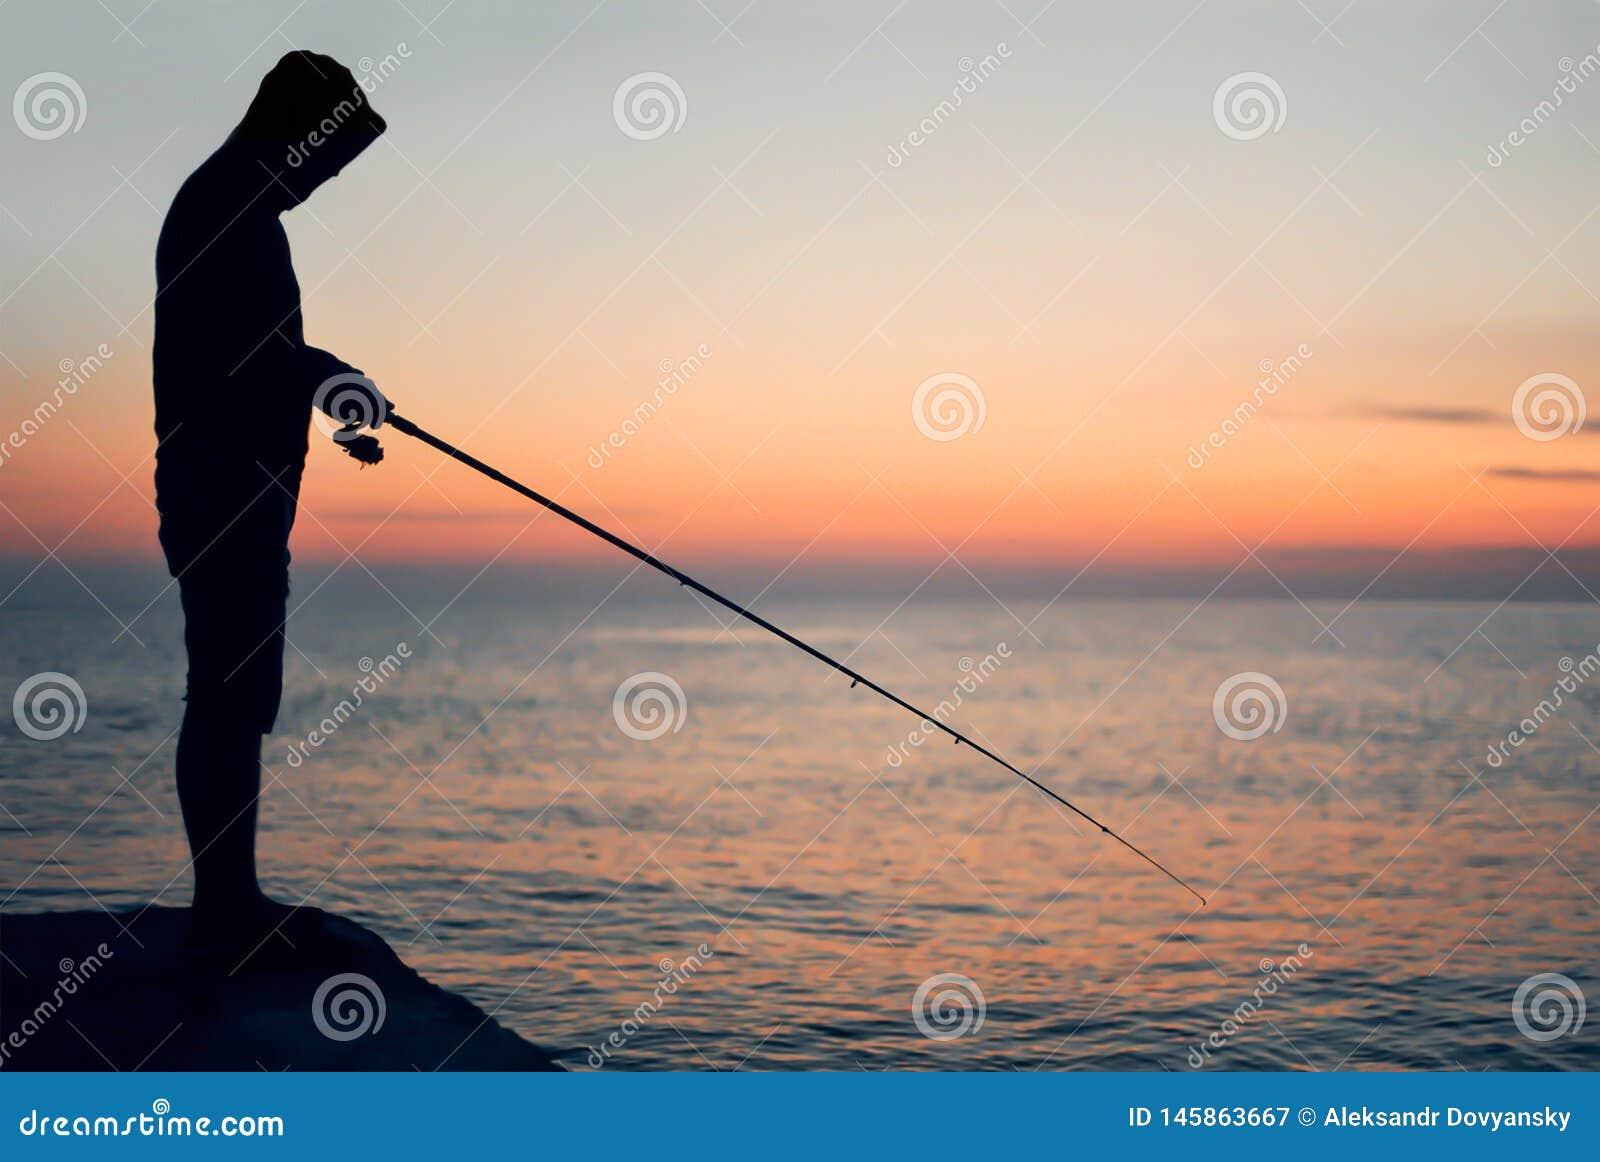 Σκιαγραφία ενός ψαρά στο ηλιοβασίλεμα